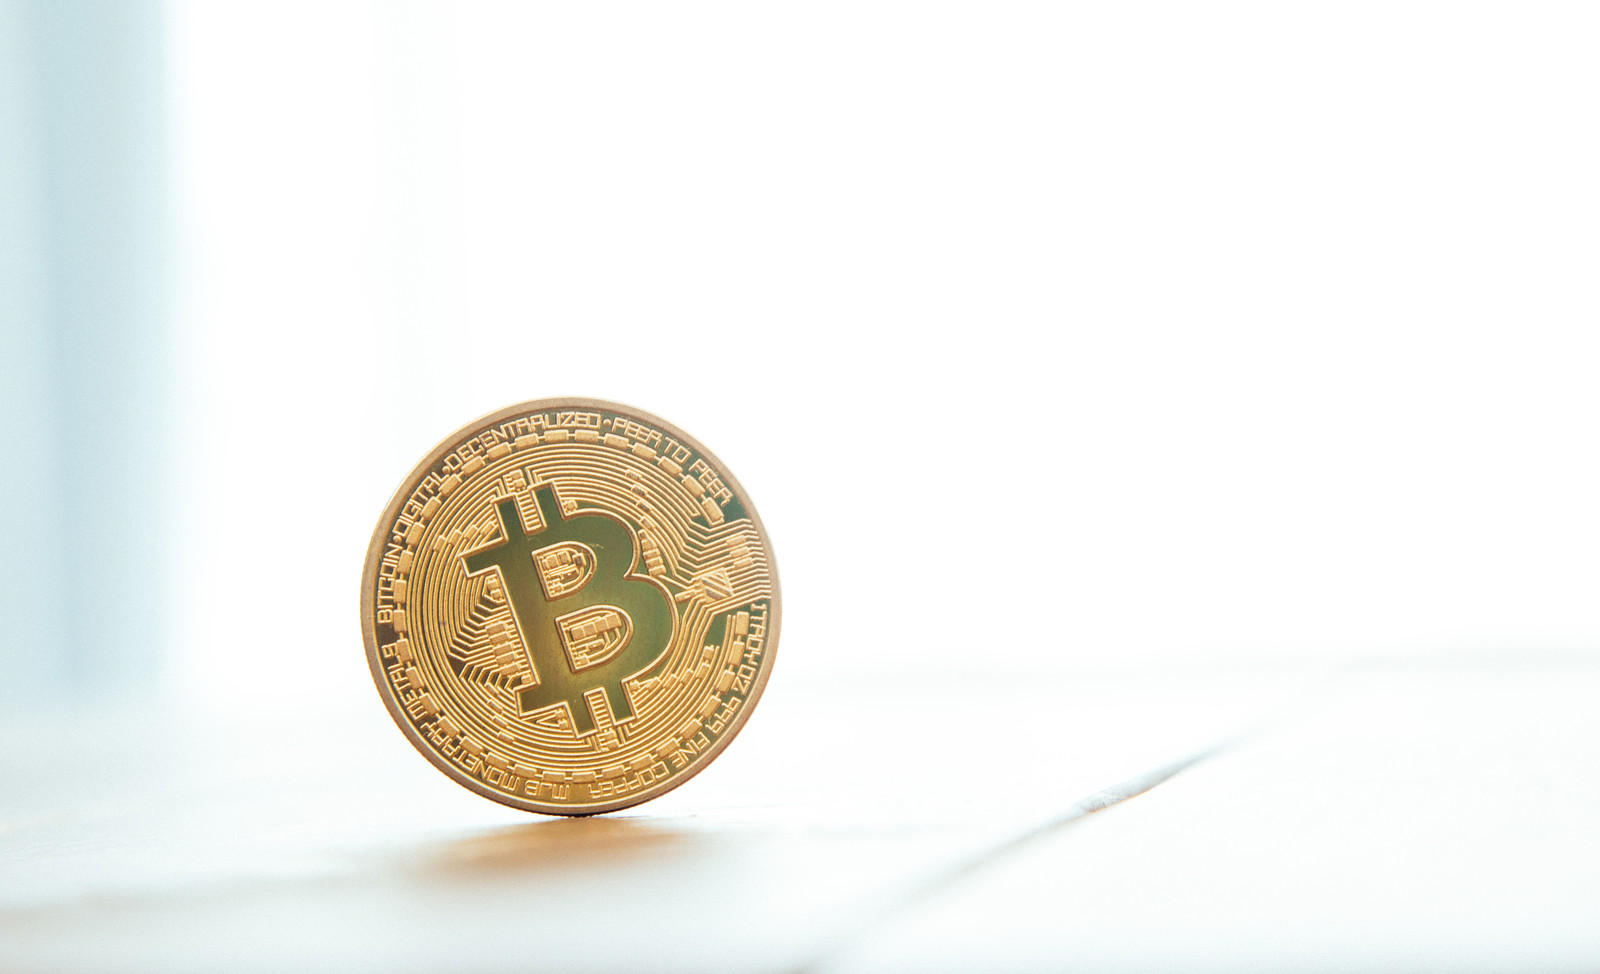 2018 ビットコイン3月